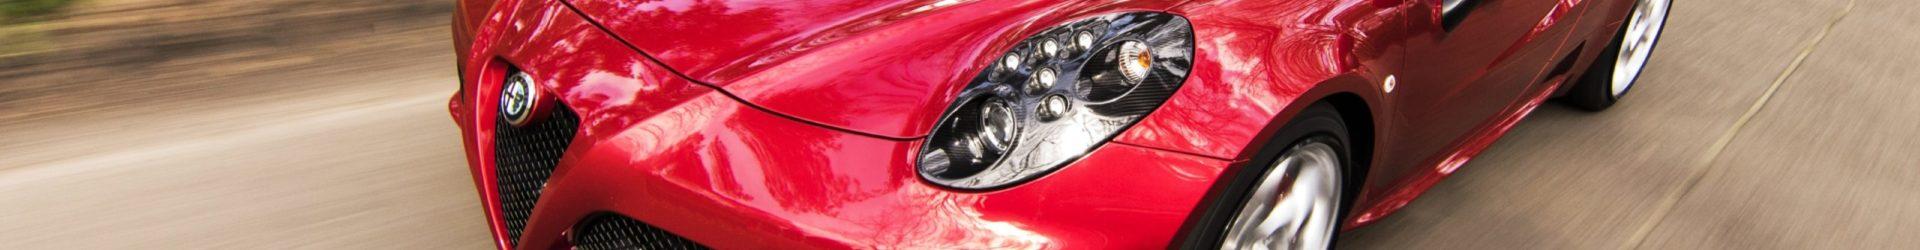 LDS Car Detailing